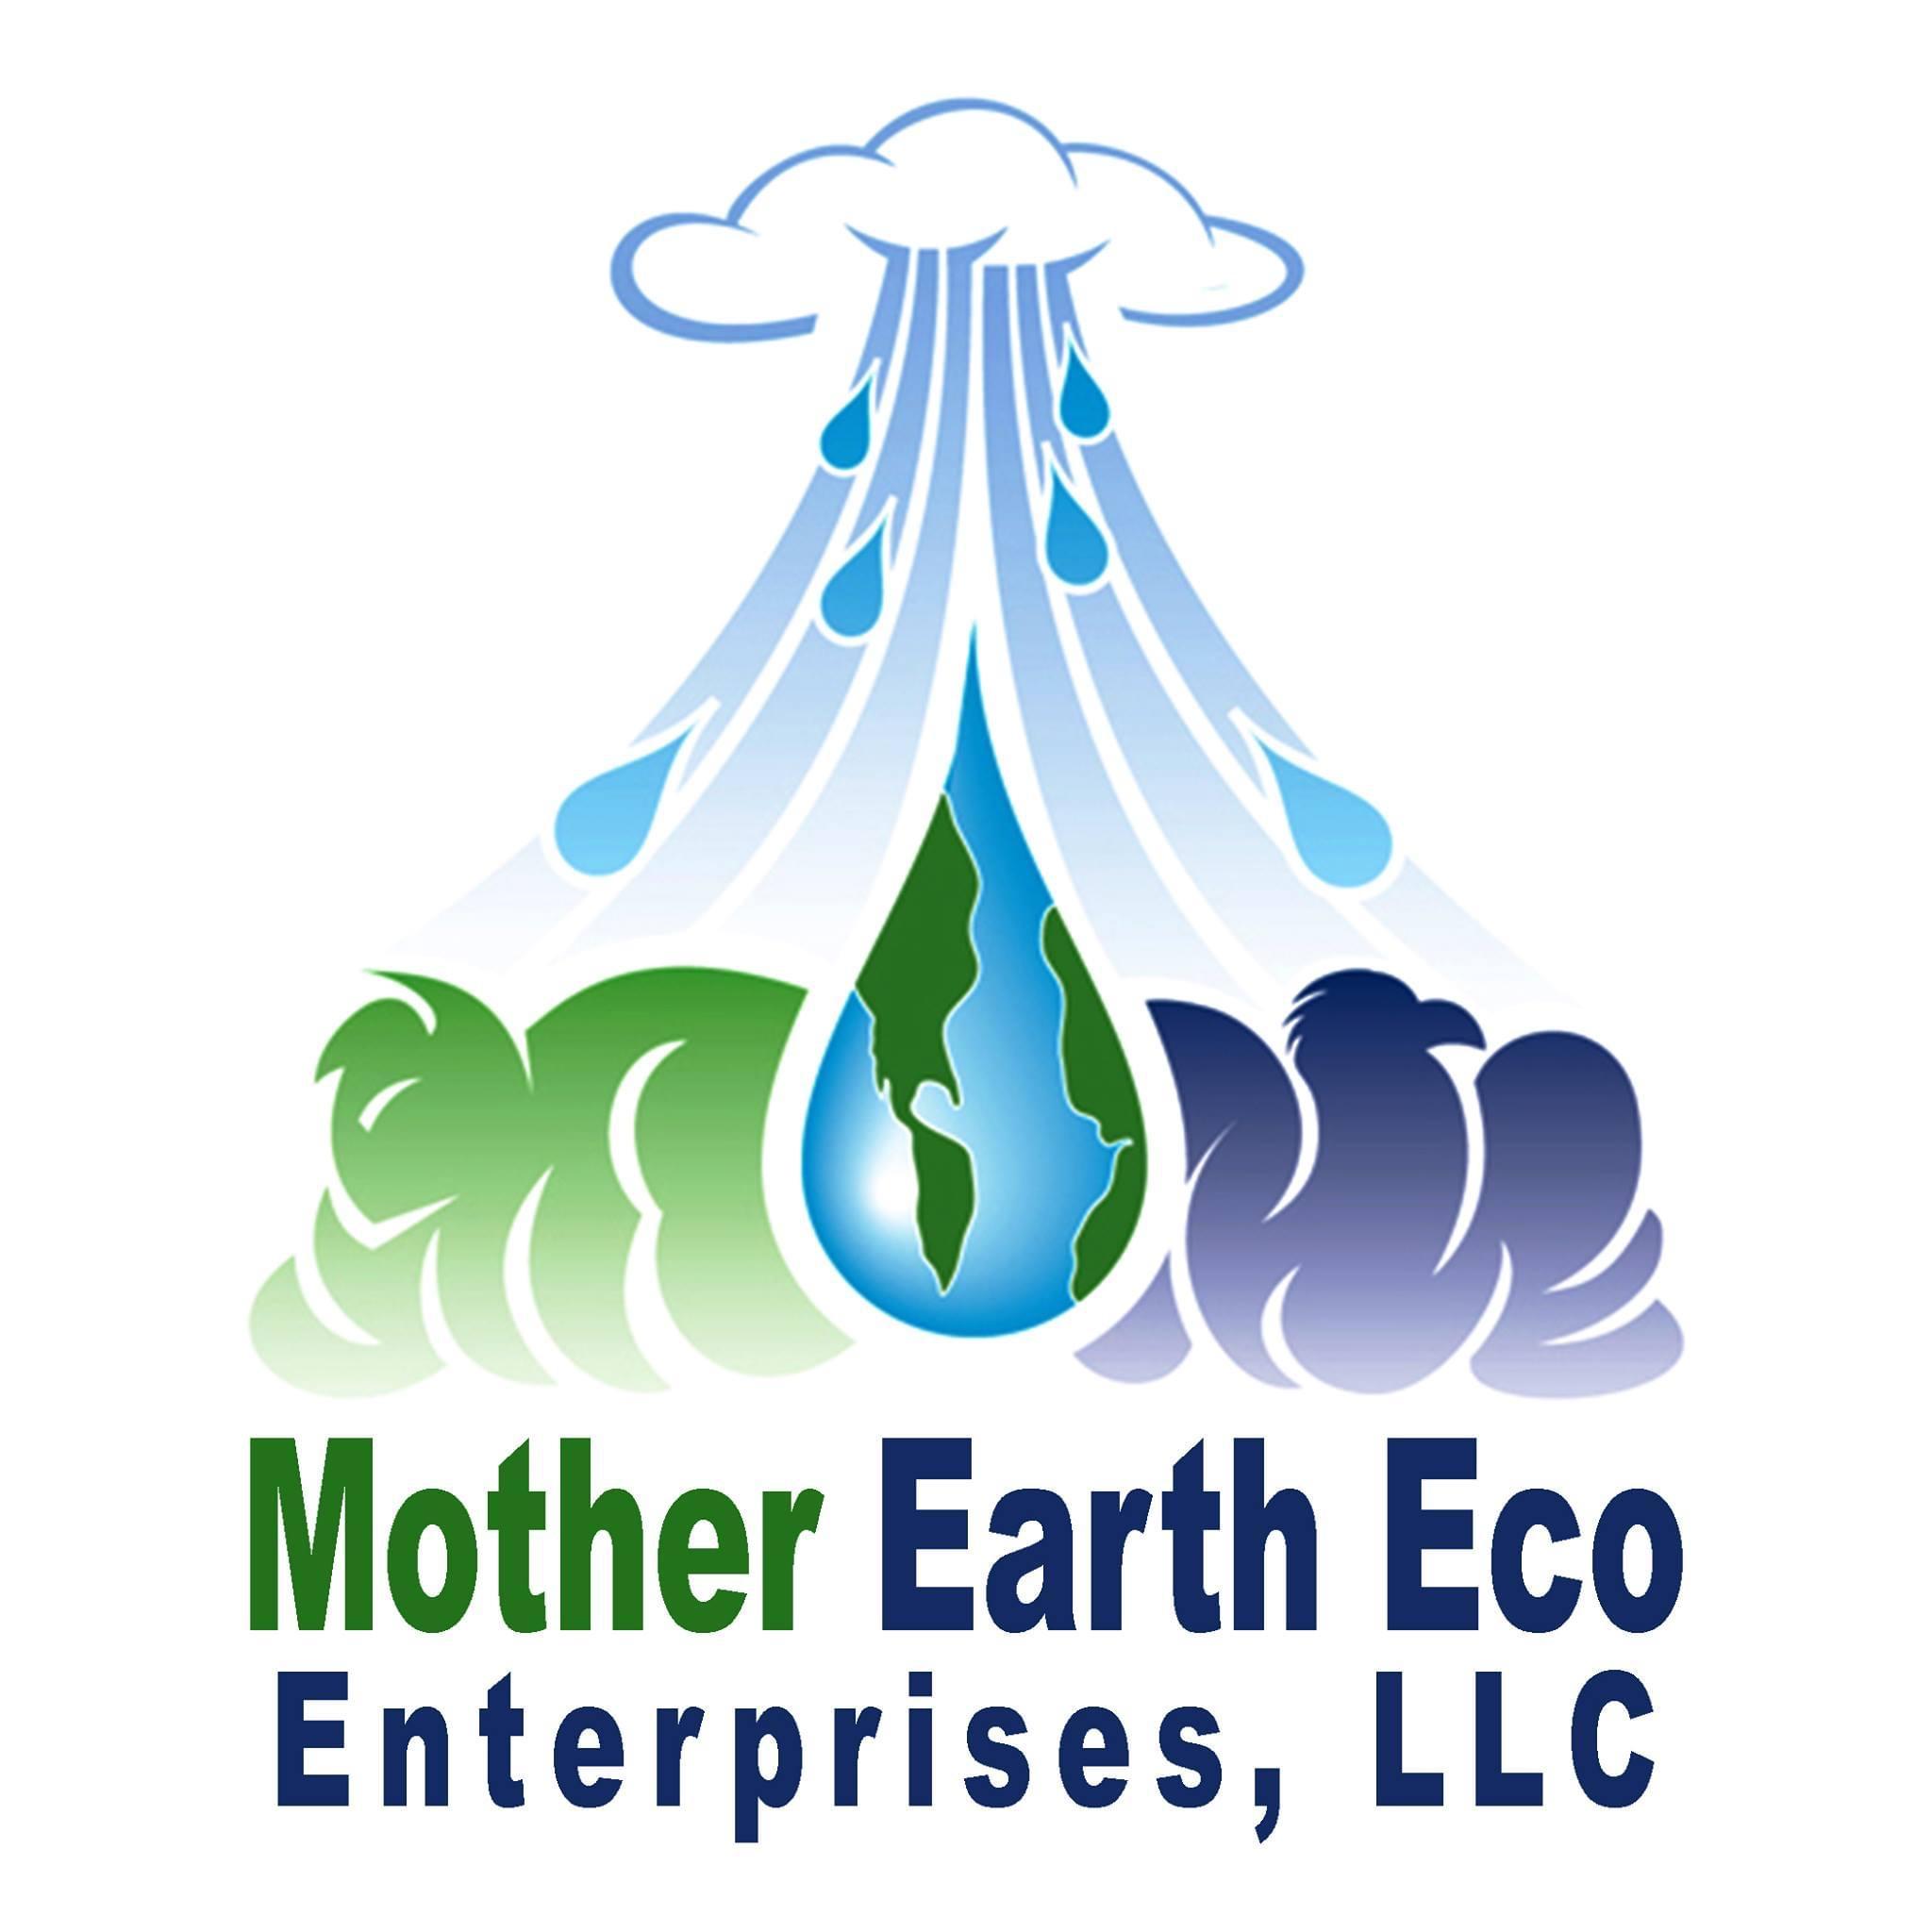 Mother Earth Eco Enterprises, LLC